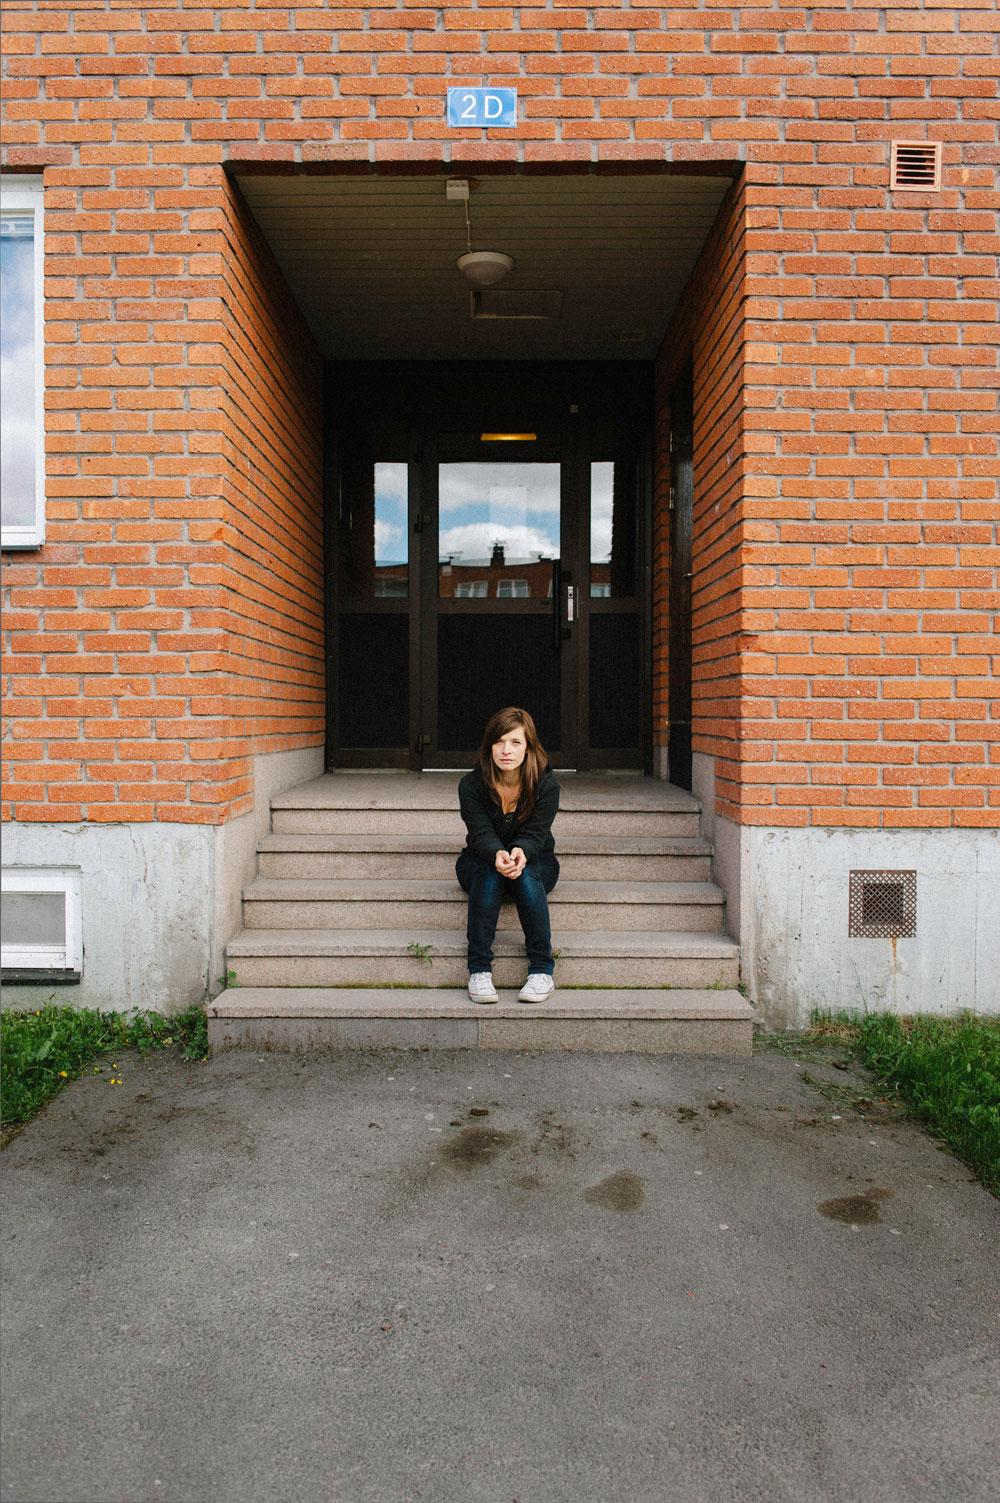 28062012_wajstedt-liselotte-press_dsc9168_hi-res_